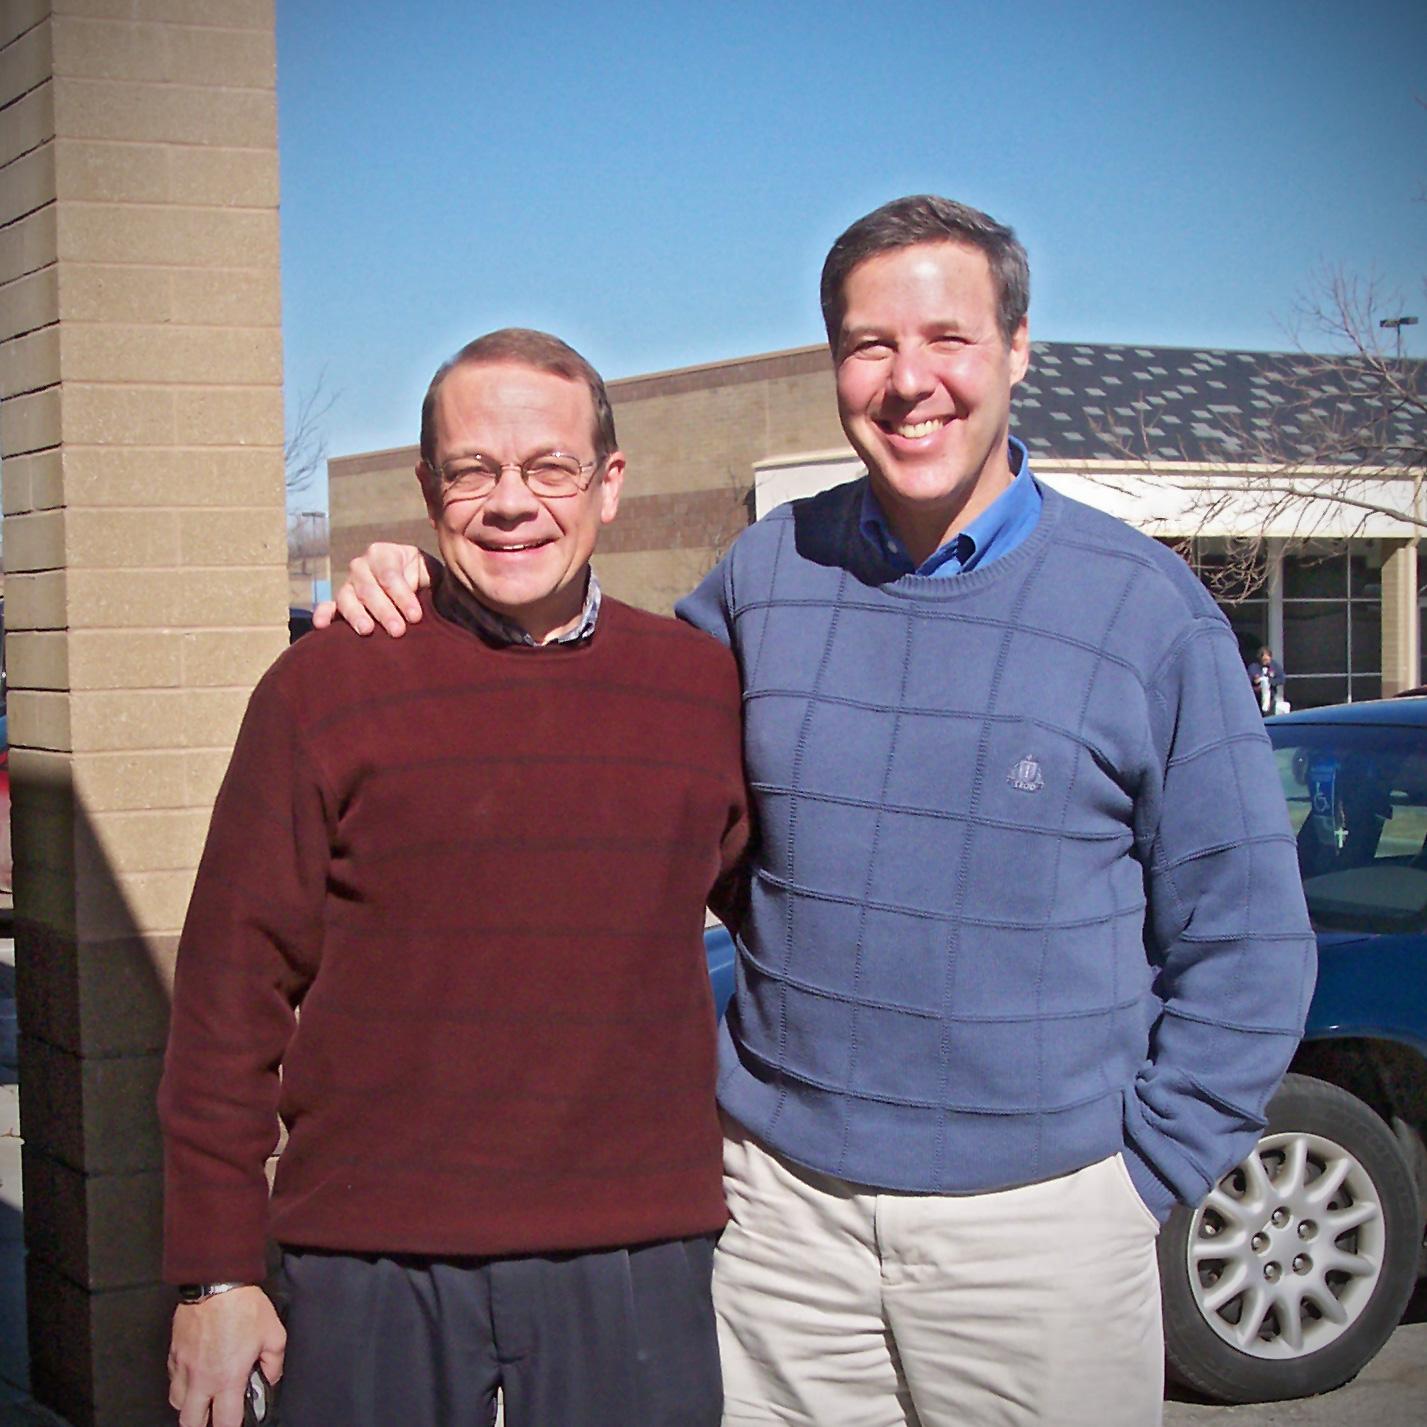 Jeff Ritchie and Jeff Horen